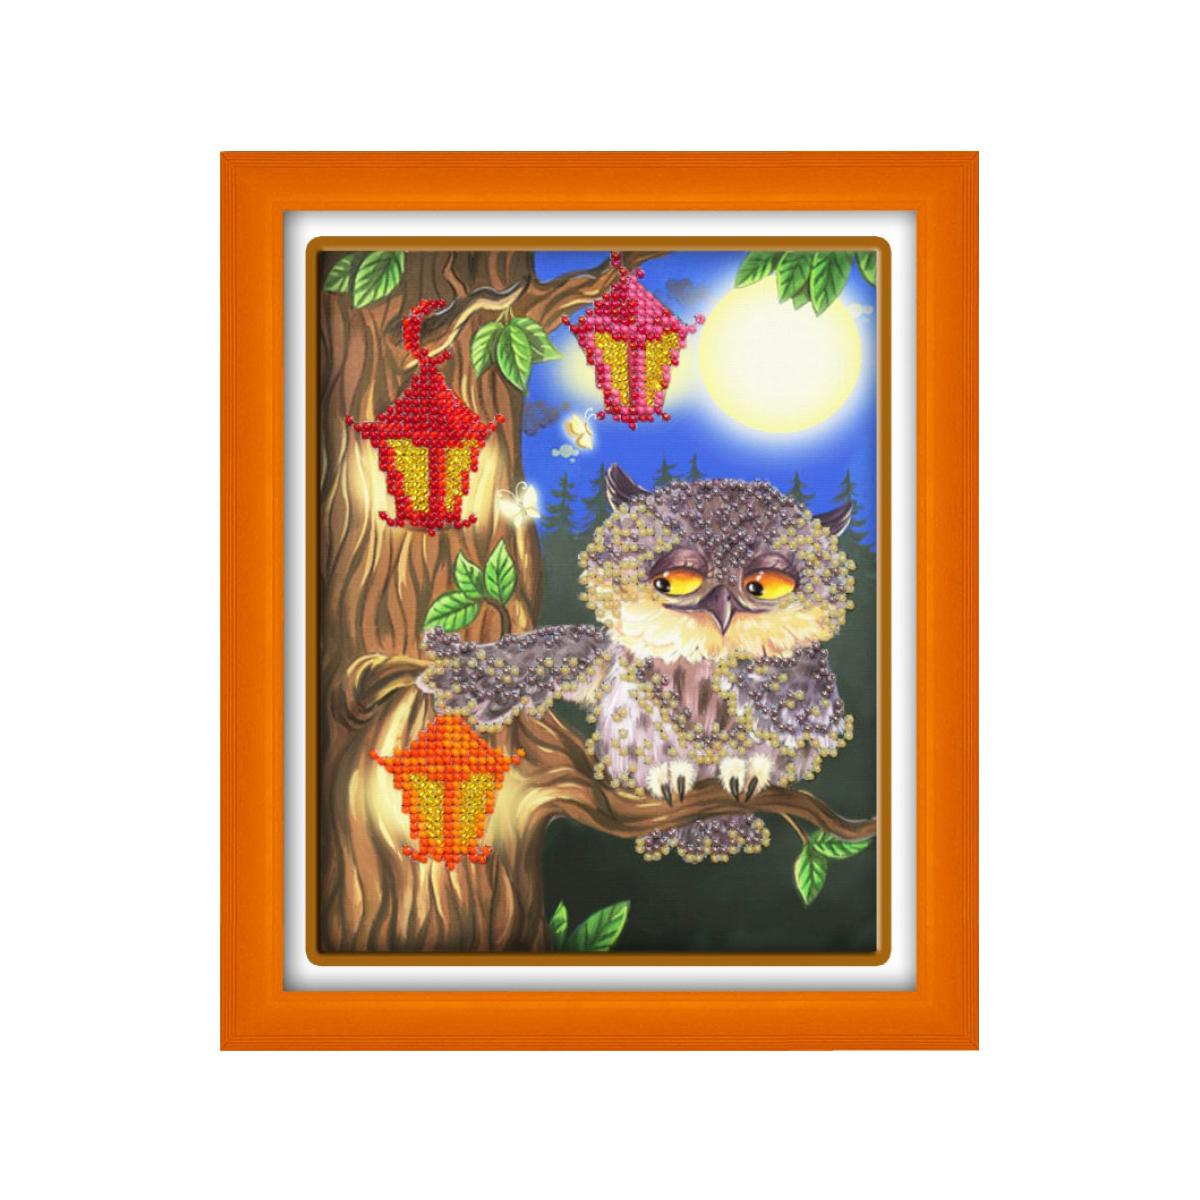 Набор для вышивания бисером Паутинка Совушка, 14 см х 18 см. Б5567710798Состав набора: бисер Чехия - 9 цветов, льняная ткань с нанесенным рисунком, бисерная игла, подробная инструкция.